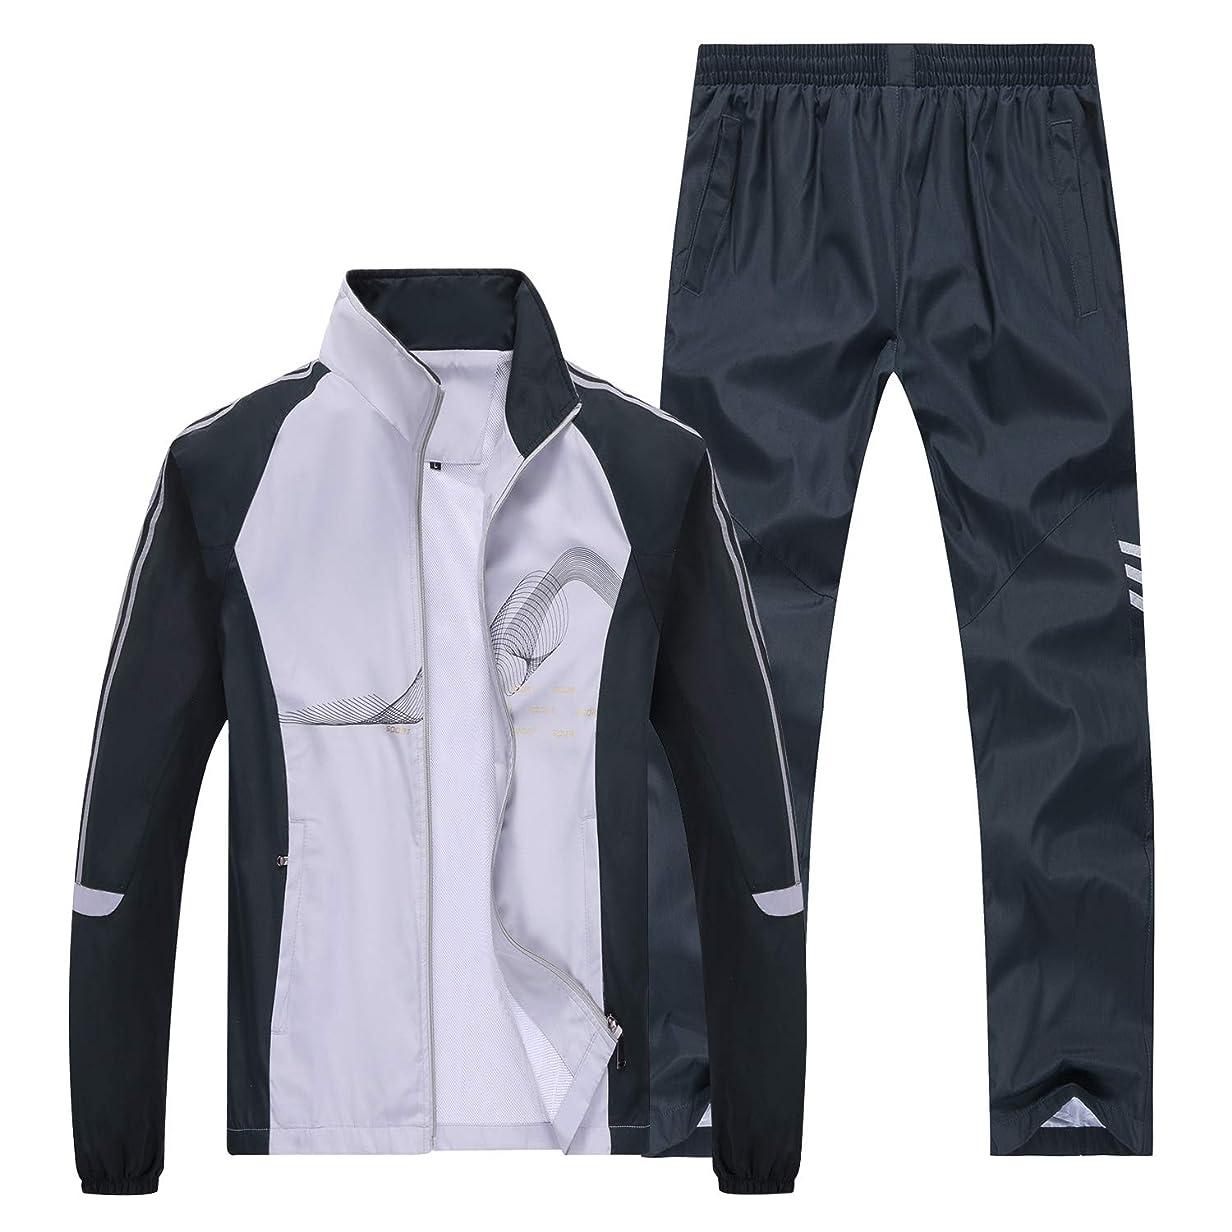 番目エンターテインメント意欲Sillictor スポーツウェア 上下 セット 通気 速乾 UVカット メンズ スポーツ ジャージパーカー + パンツ